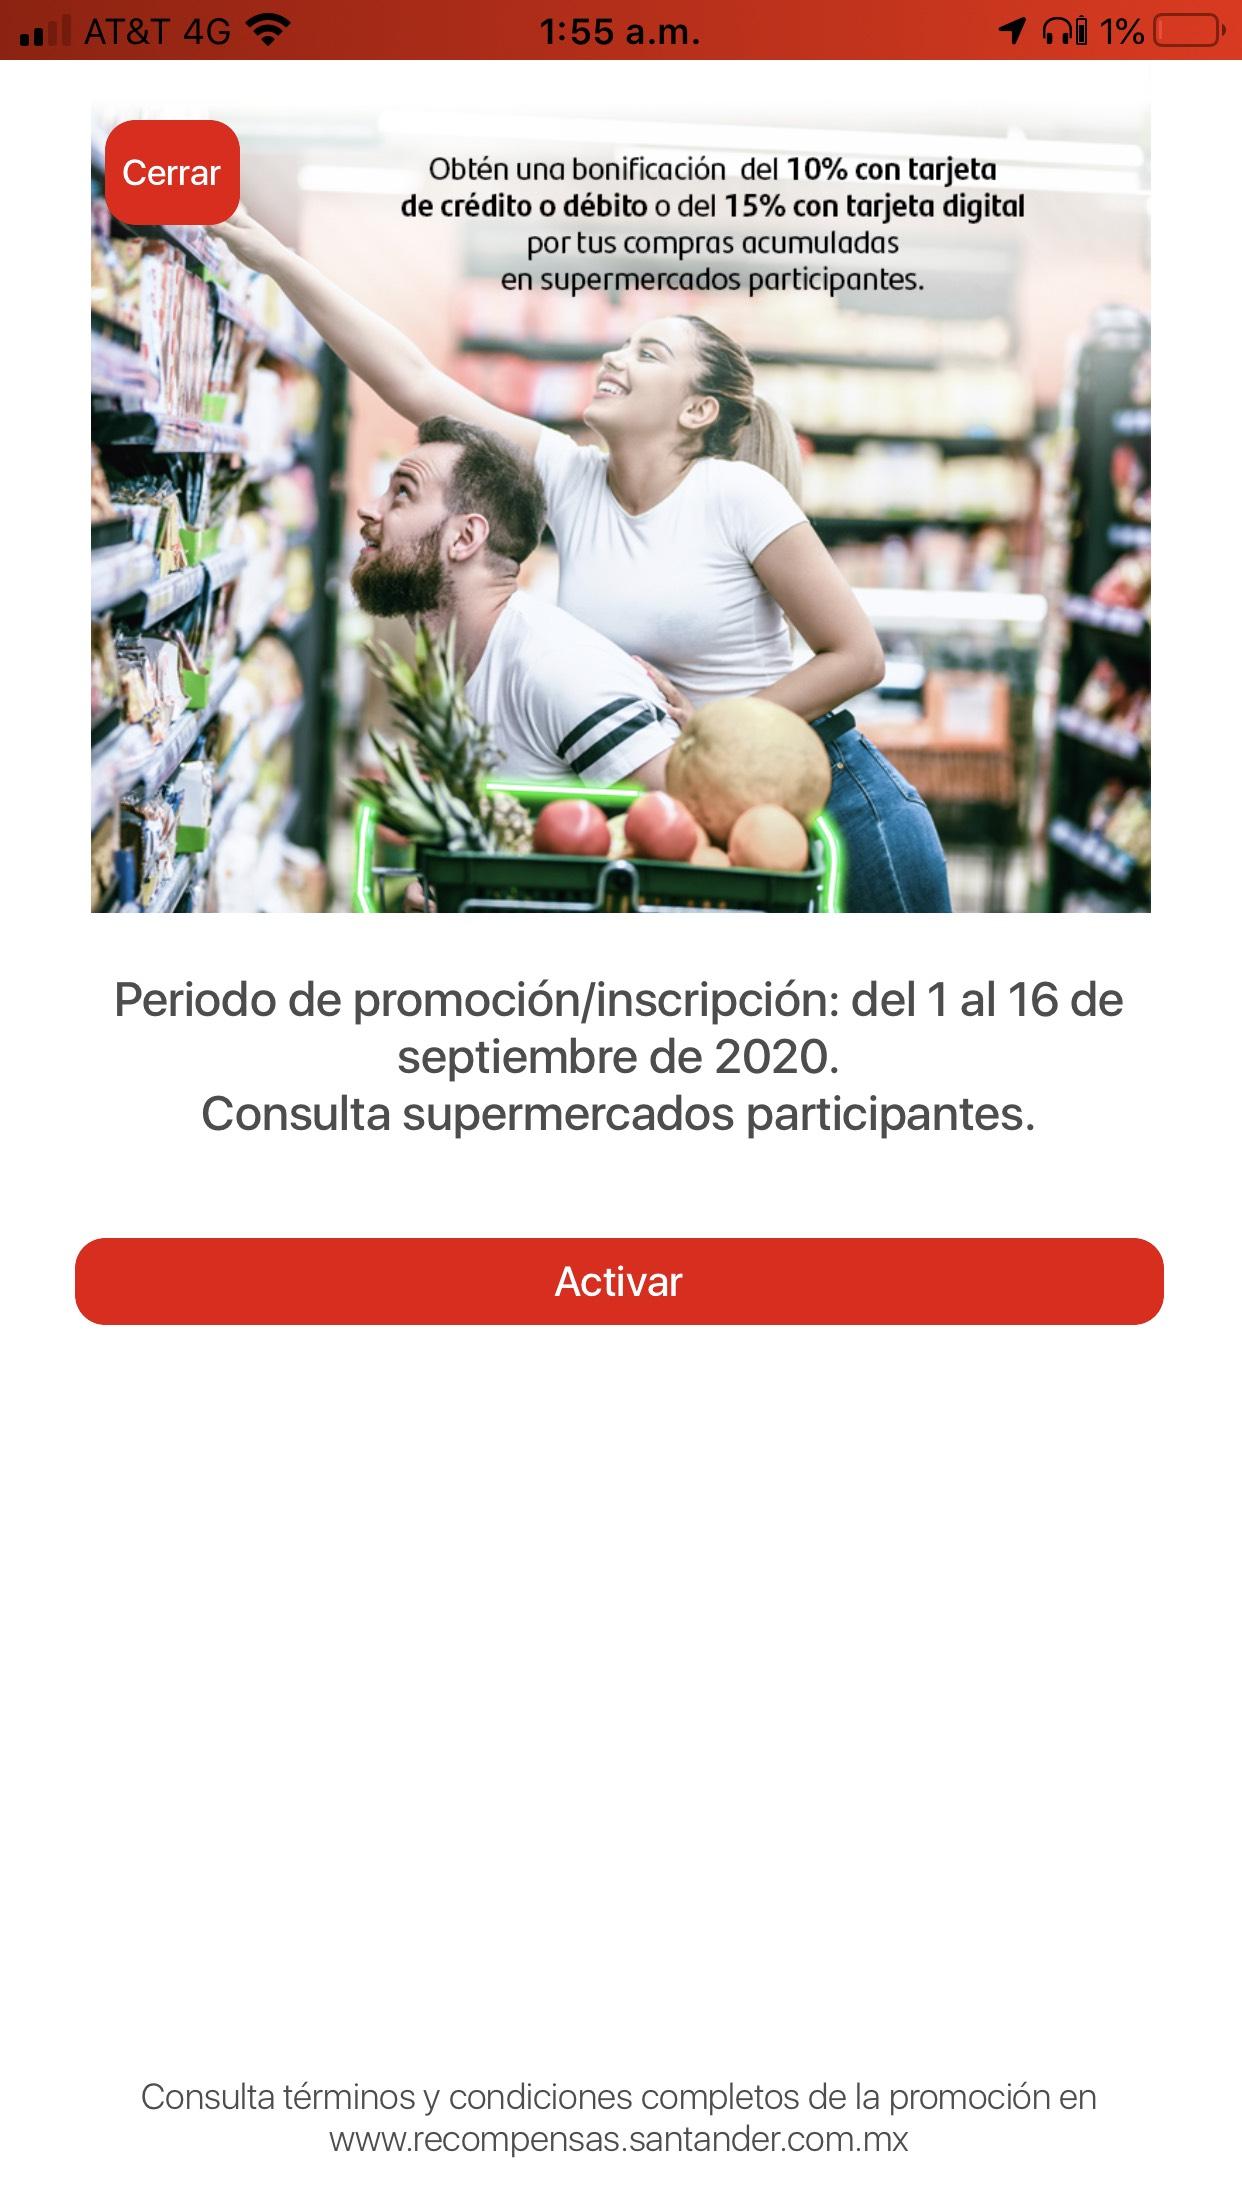 Santander: 10% o 15% de Bonificación por compra en supermercados seleccionados